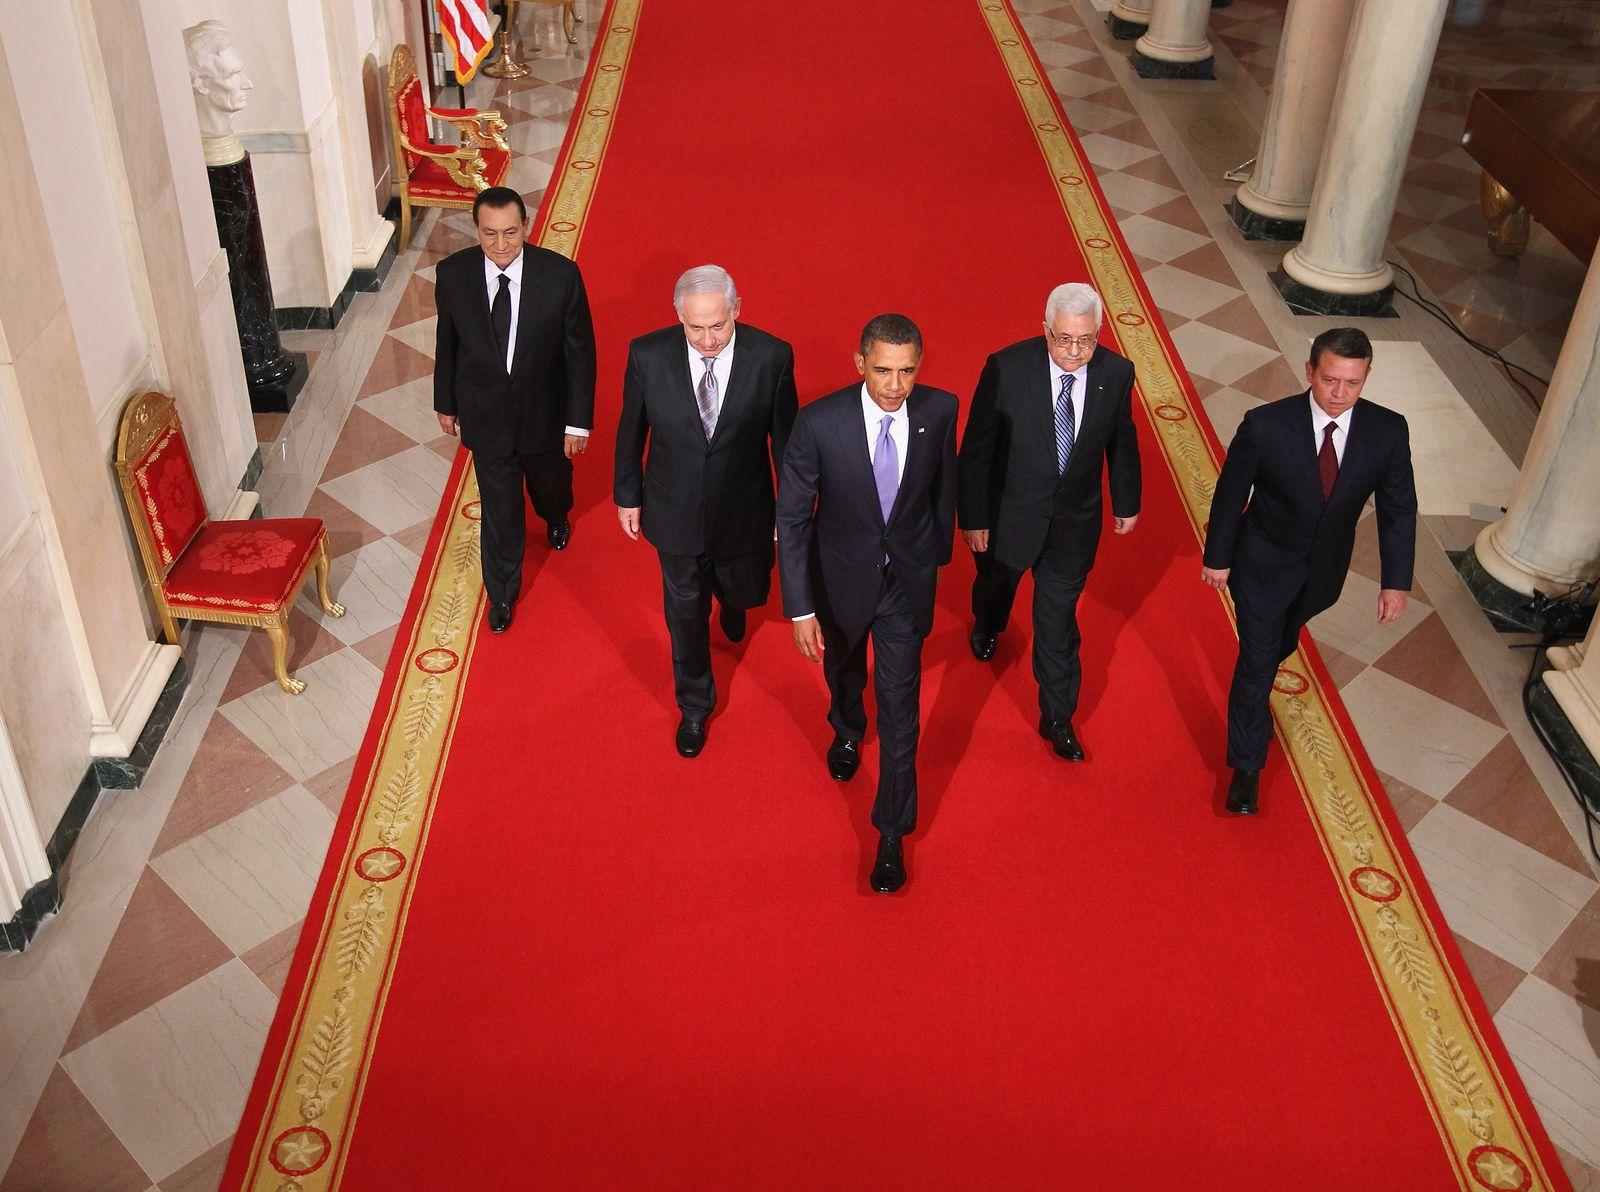 Friedensprozess / Mubarak / Nethanyahu / Abdullah / Abbas